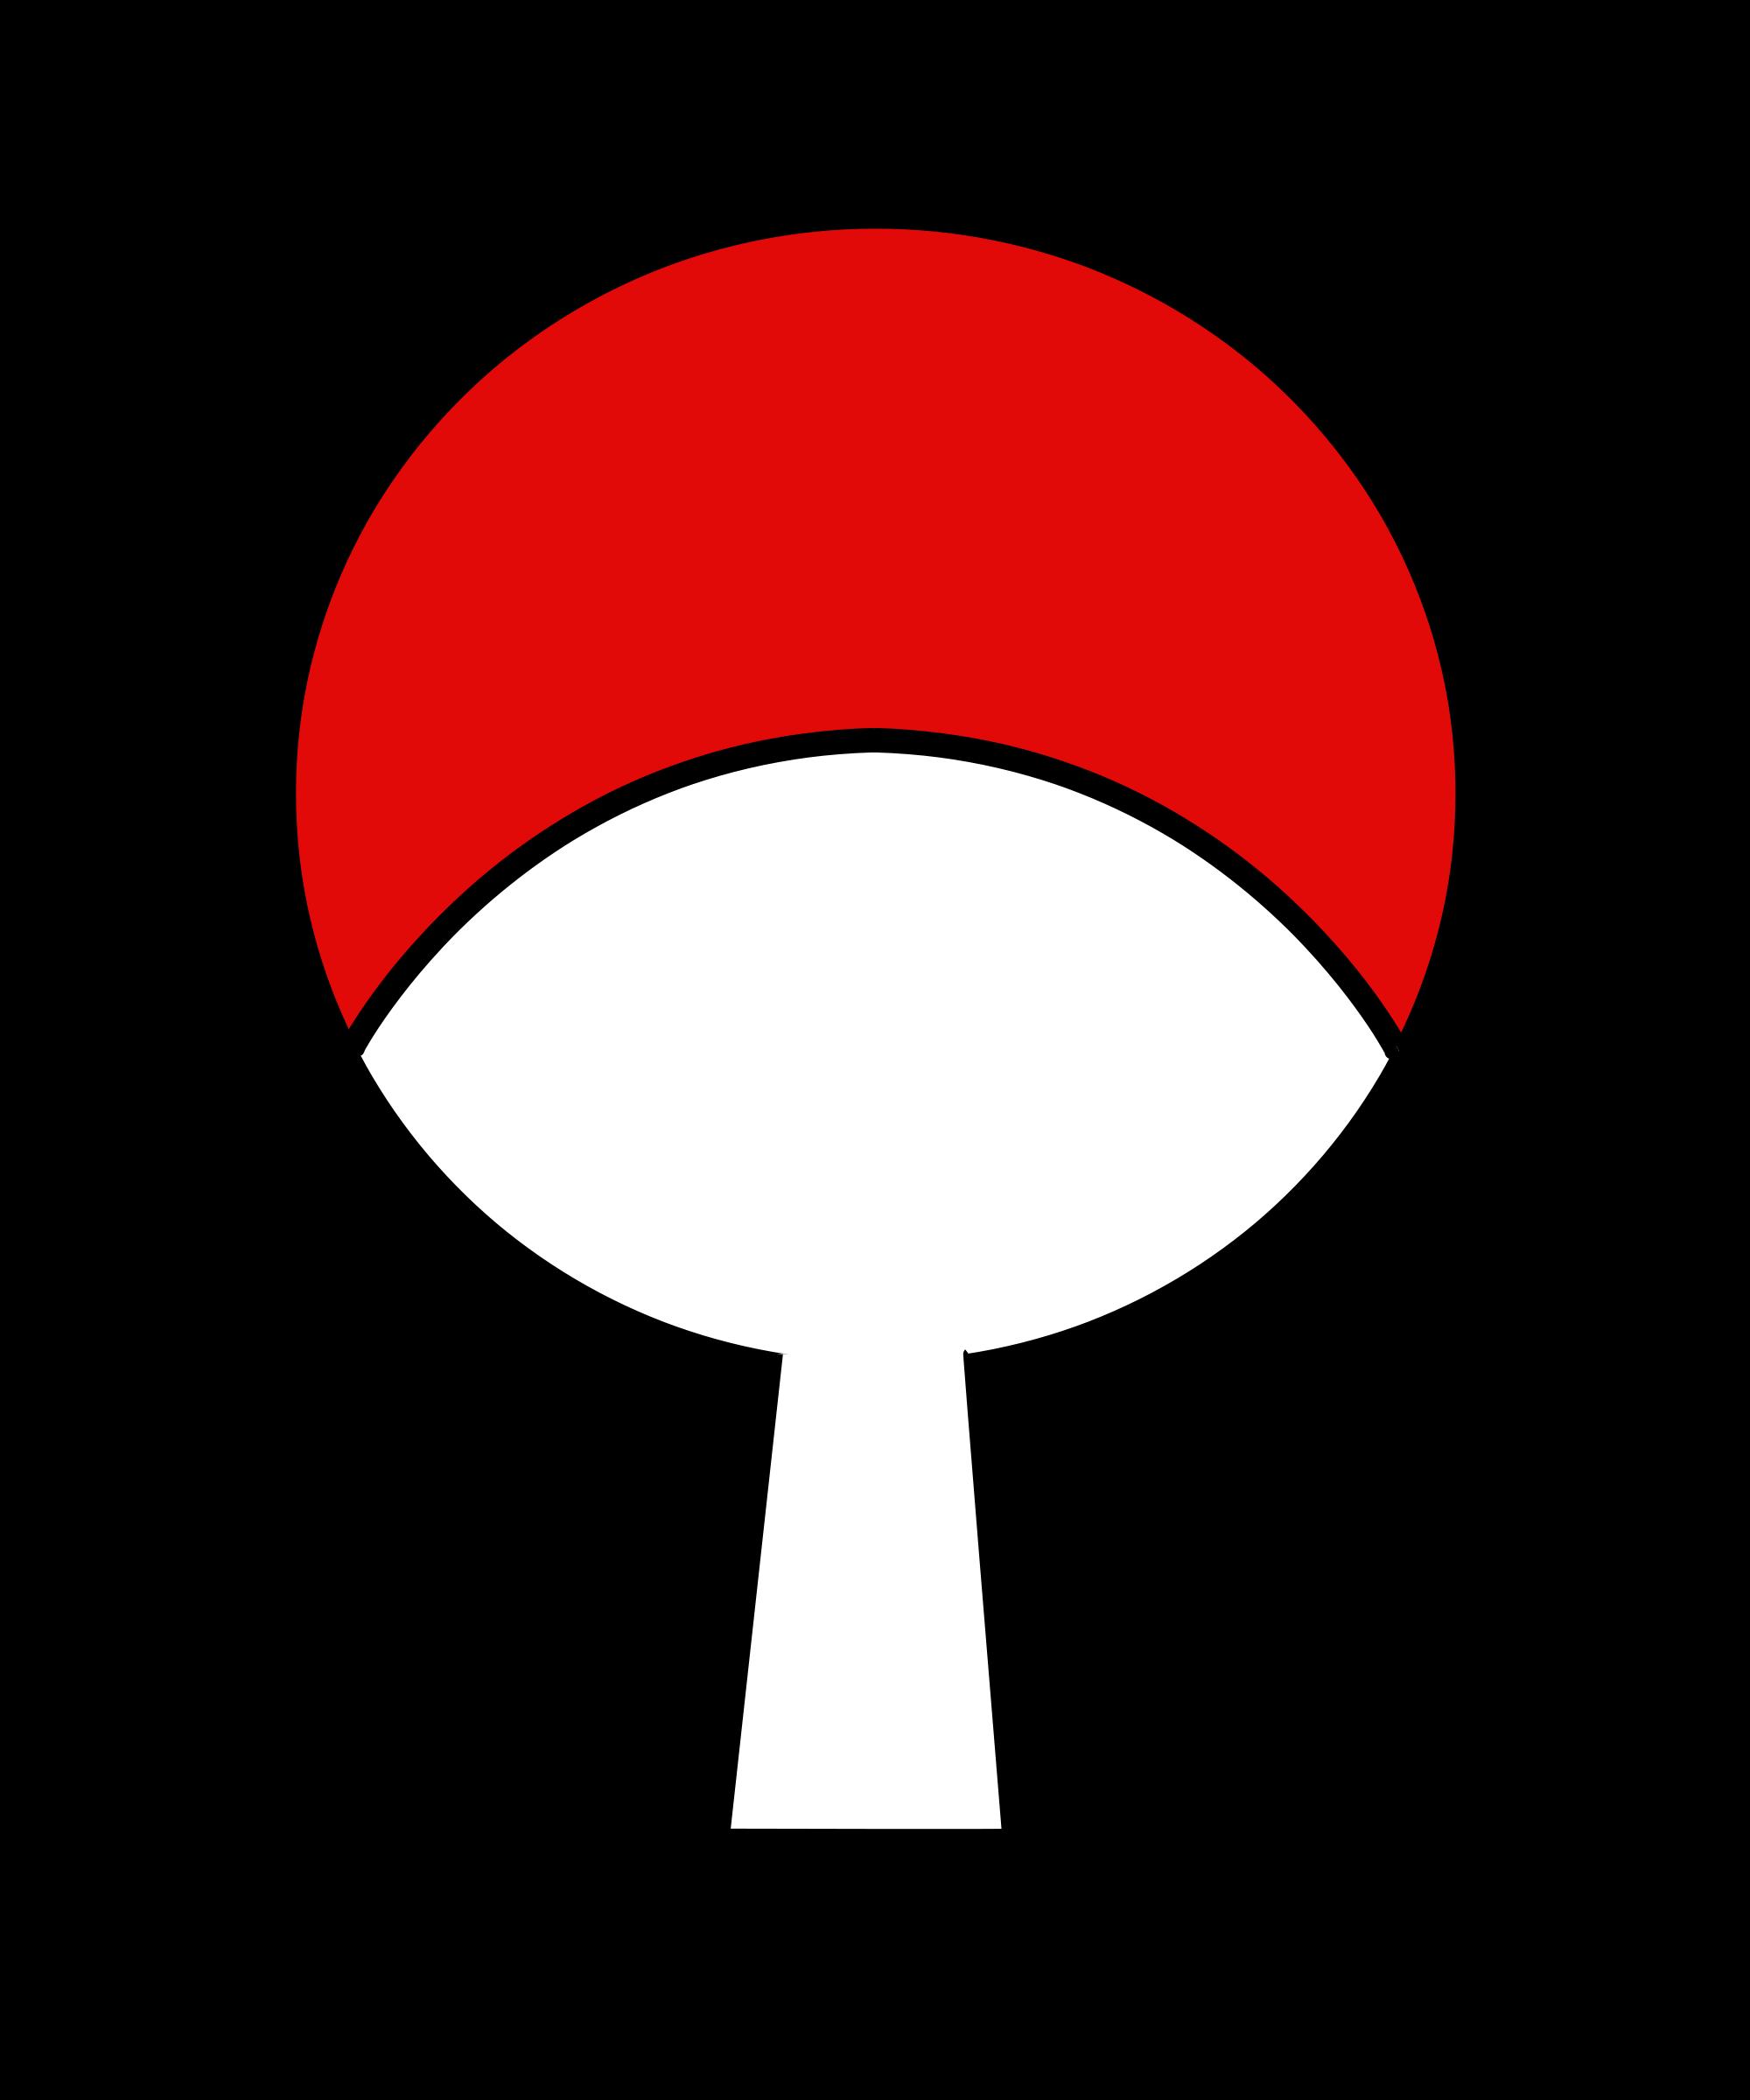 Download Sasuke Uchiha svg for free - Designlooter 2020 - Sasuke Symbol